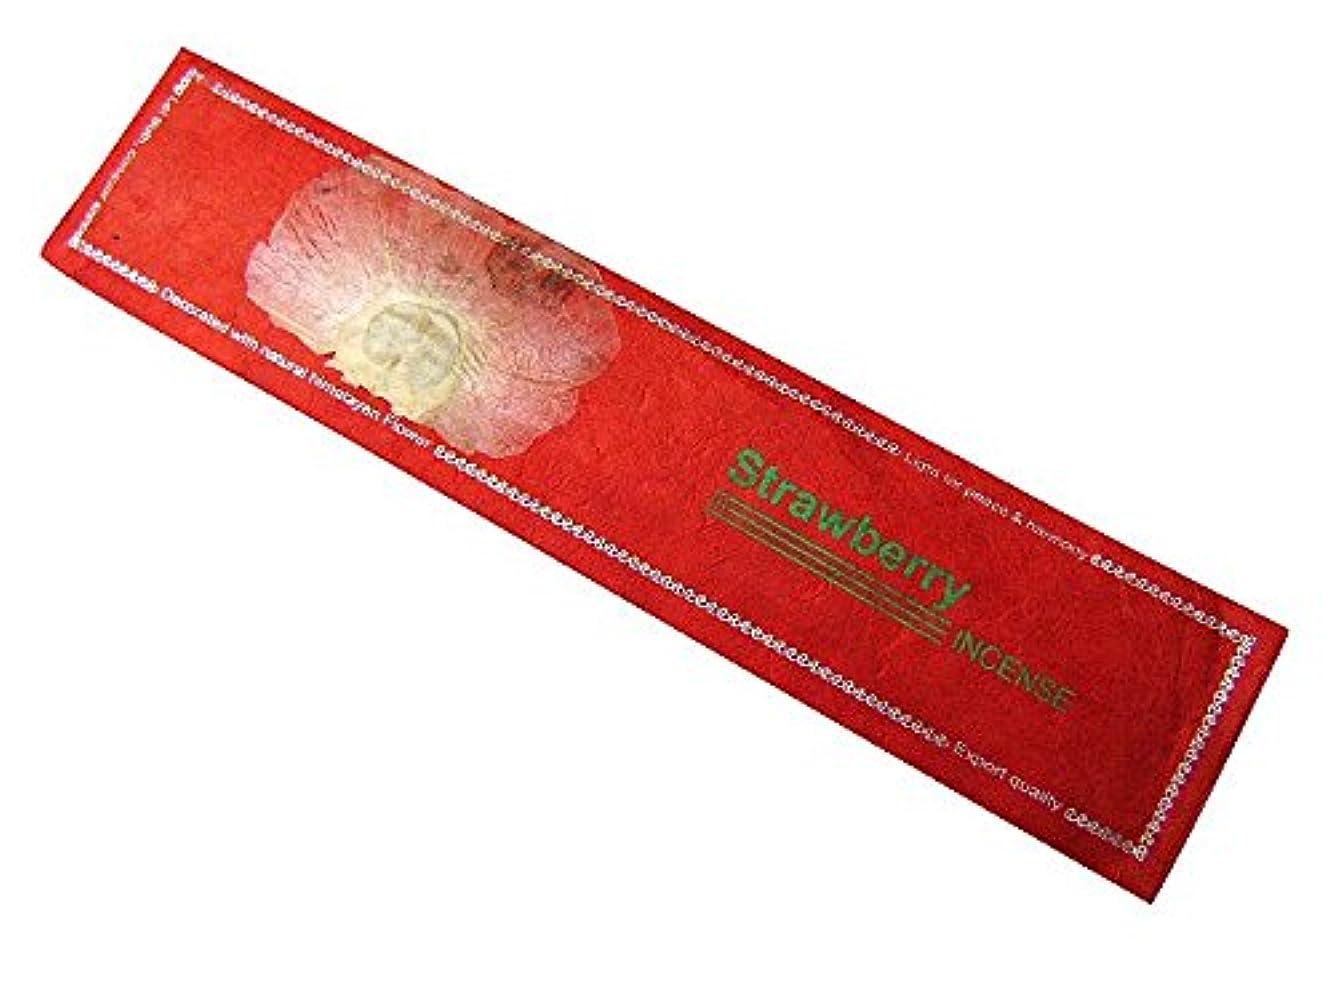 死んでいる敏感なウェイターNEPAL INCENSE ネパールのロクタ紙にヒマラヤの押し花のお香【Strawberryストロベリー】 スティック